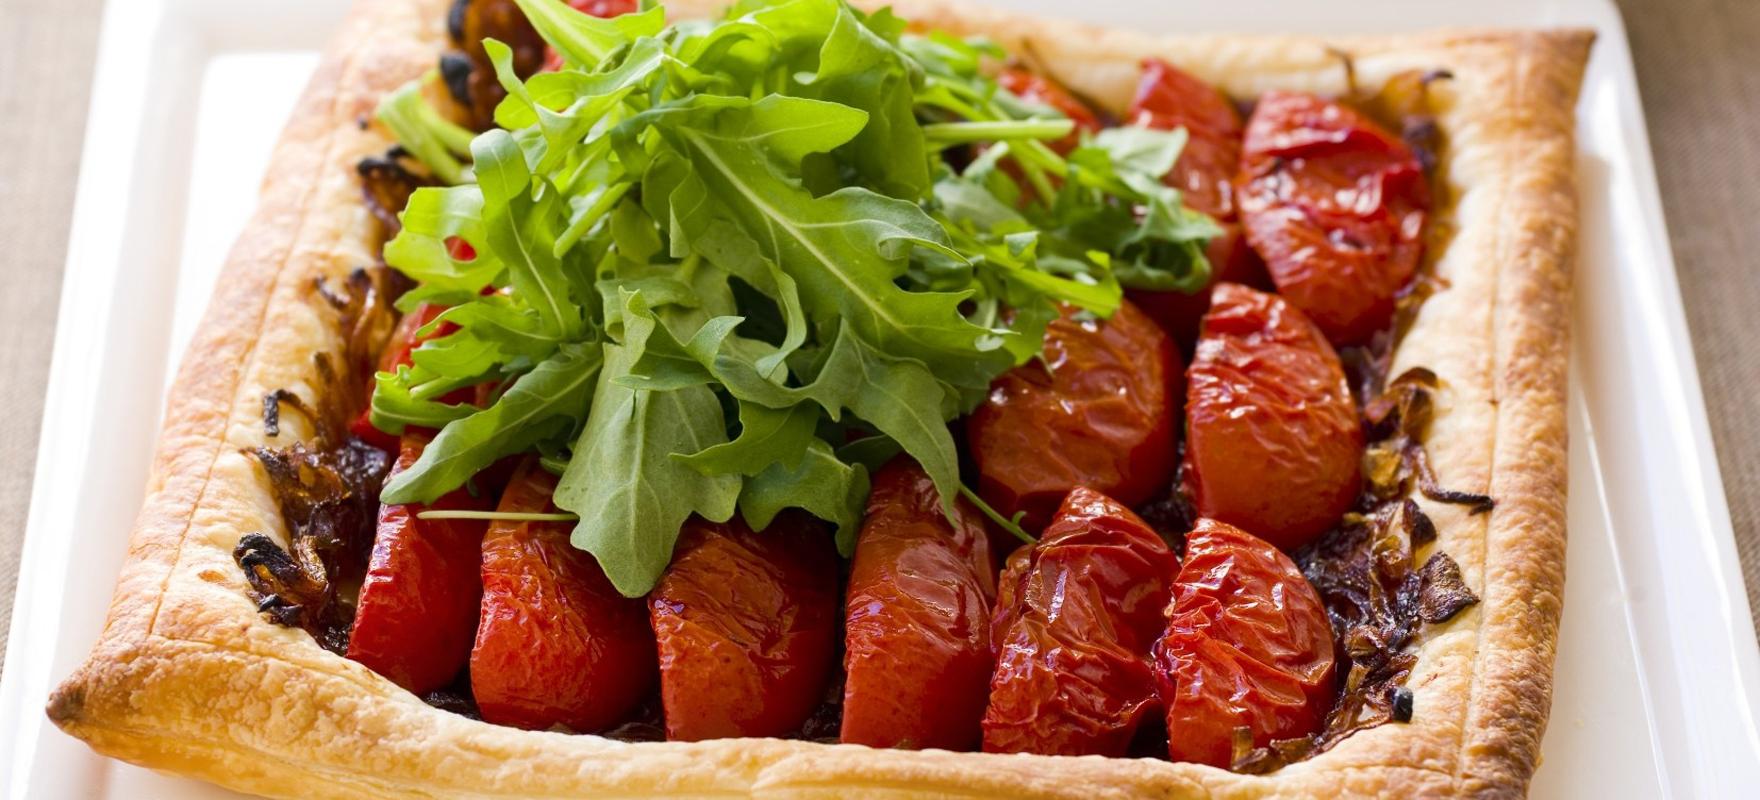 Caramelised onion and tomato tarts image 1